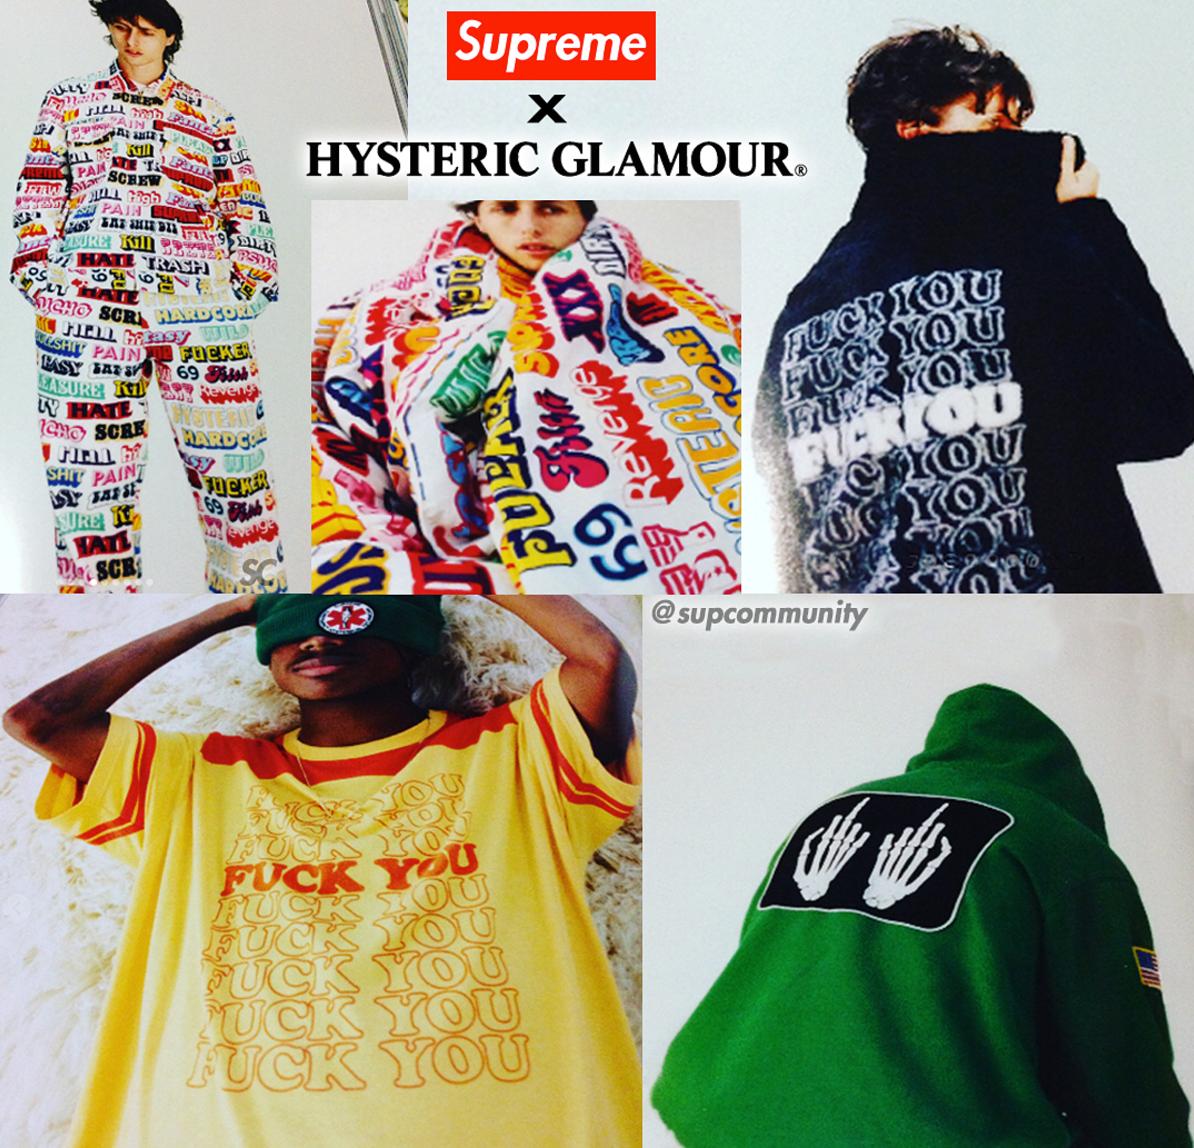 Supreme Announce Hysteric Glamour Collaboration Via SSENSE Magazine